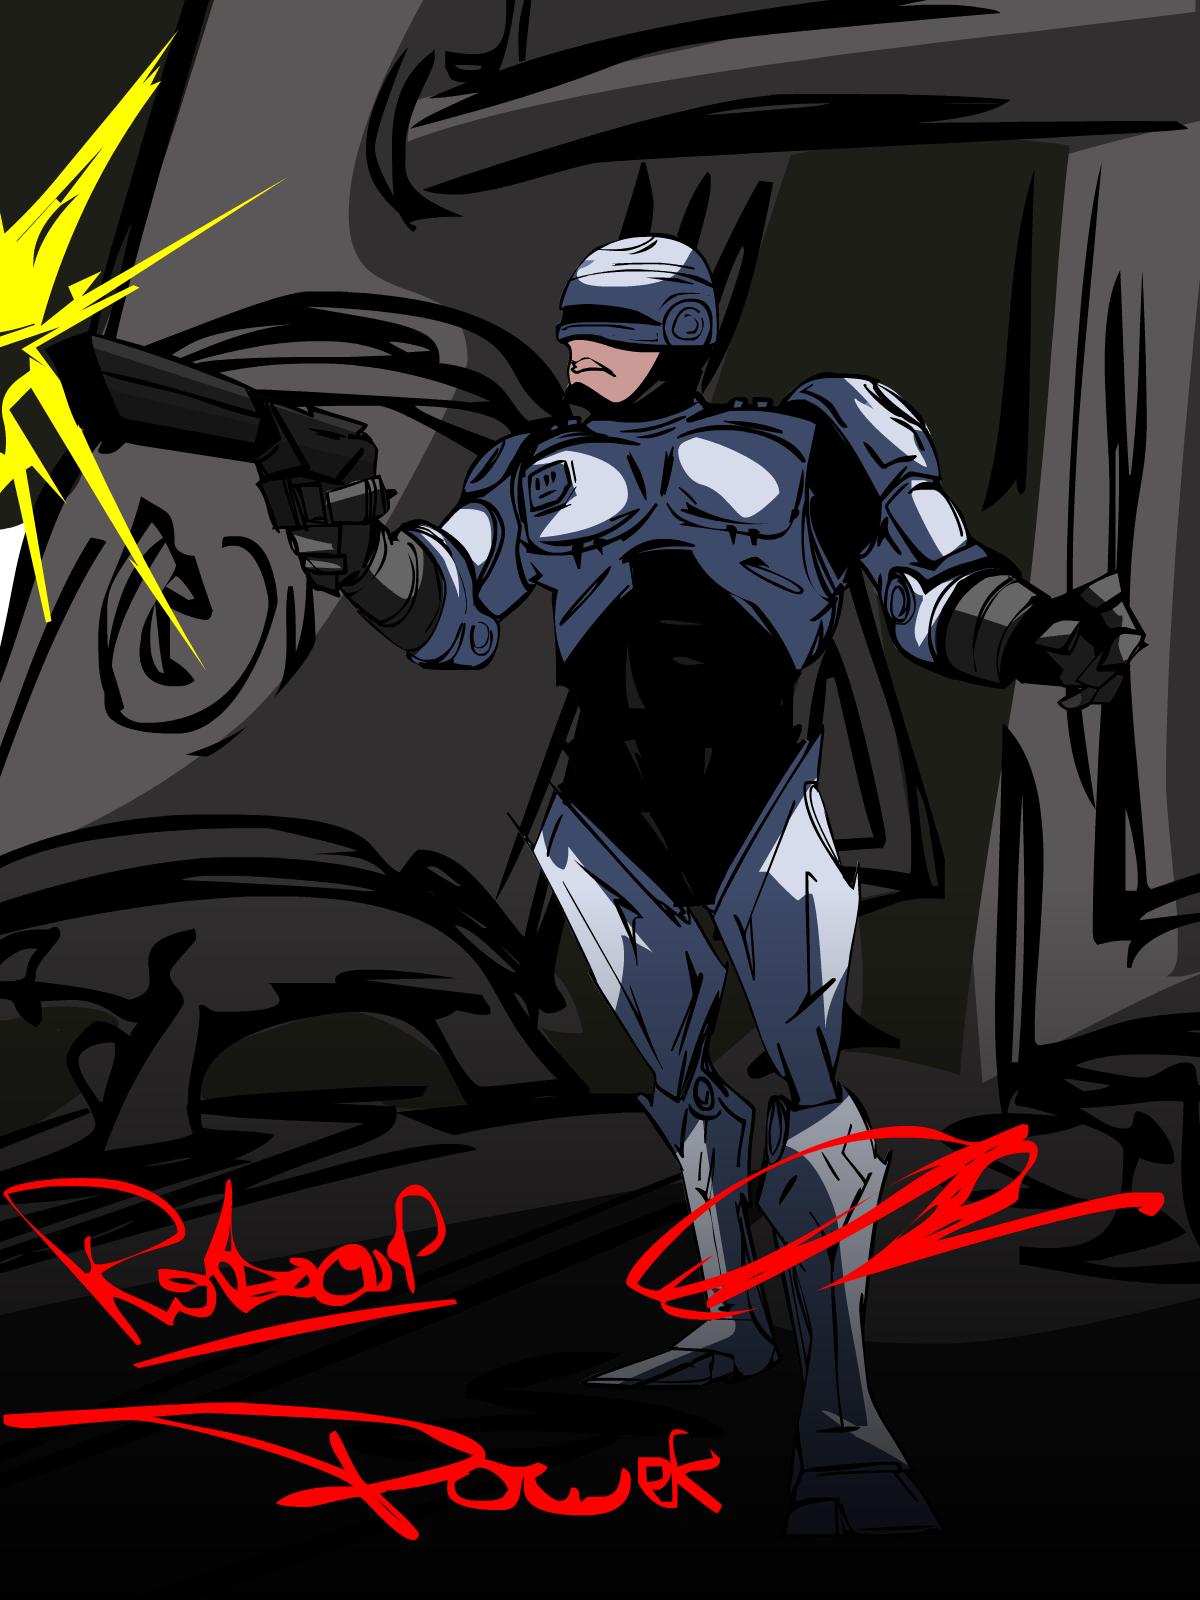 Alll that power ROBOCOP!!!